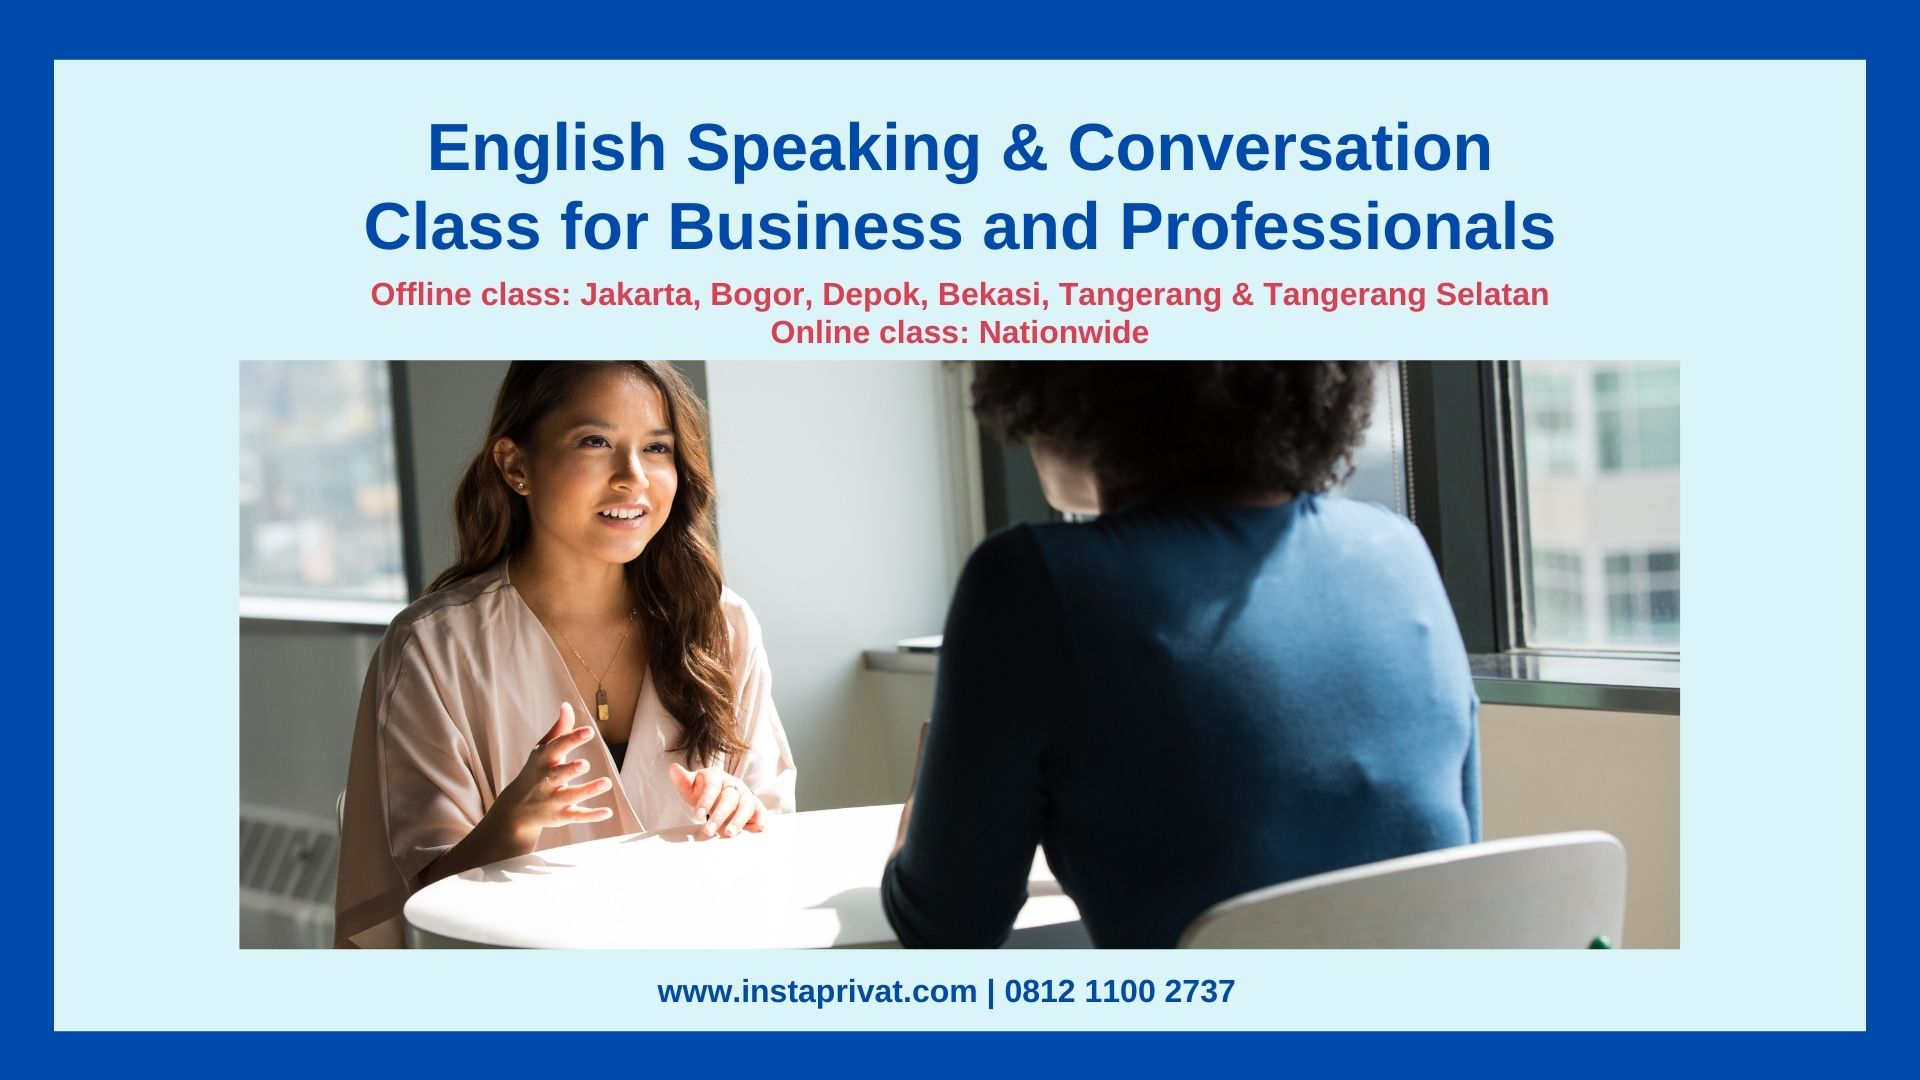 Les privat bahasa inggris, speaking conversation dan grammar, TOEFL, IELTS, Guru berpengalaman datang ke rumah, biaya murah area Jakarta, Bogor, Depok, Tangerang, Bekasi